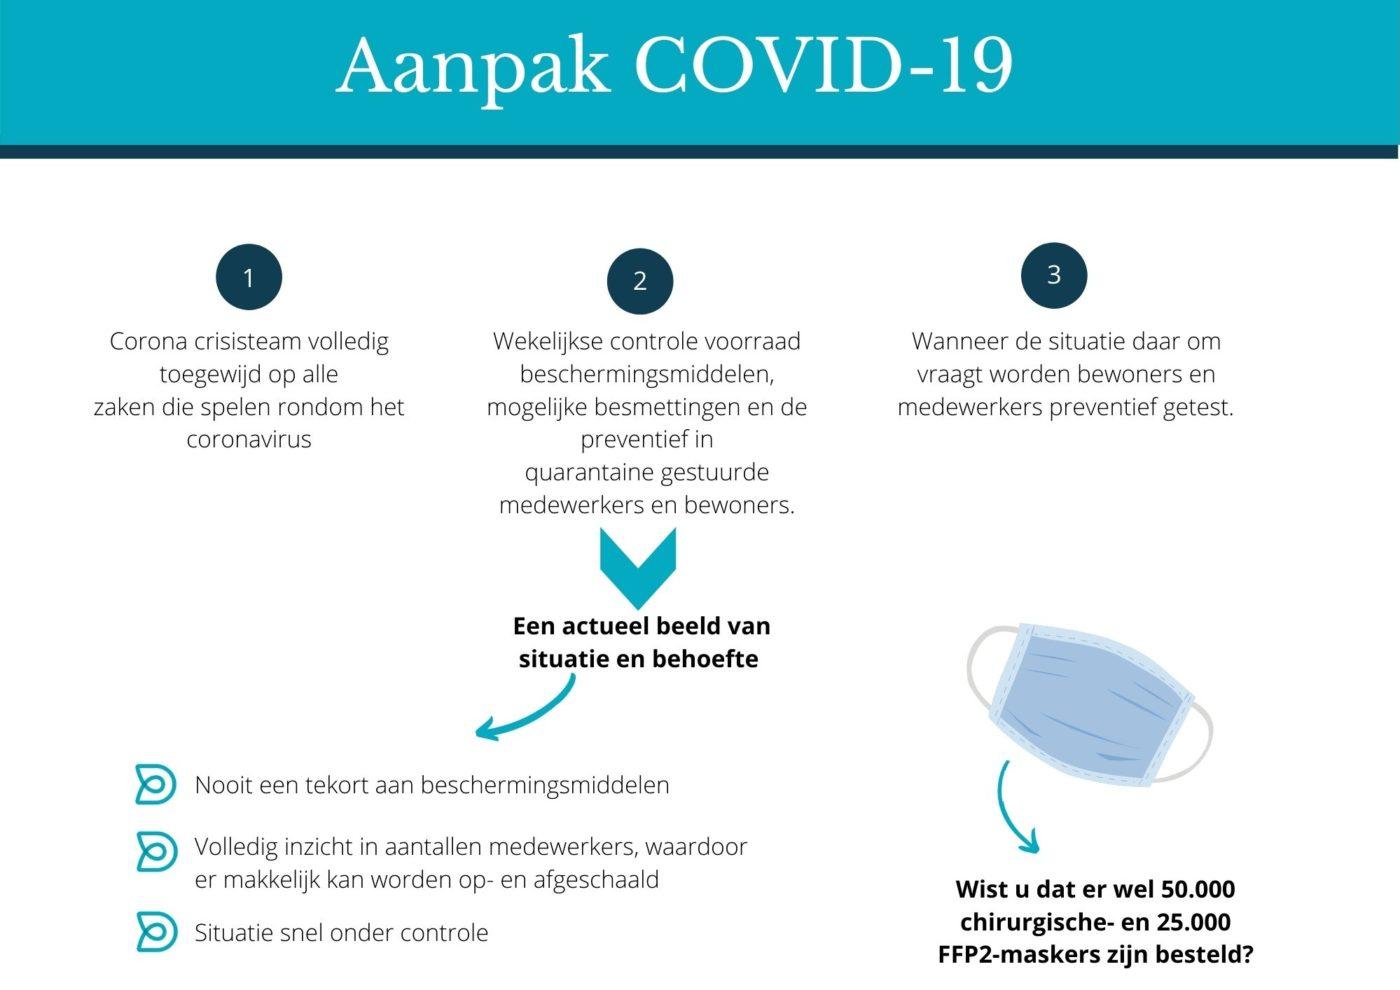 Aanpak COVID-19 bij Dores herstelzorg